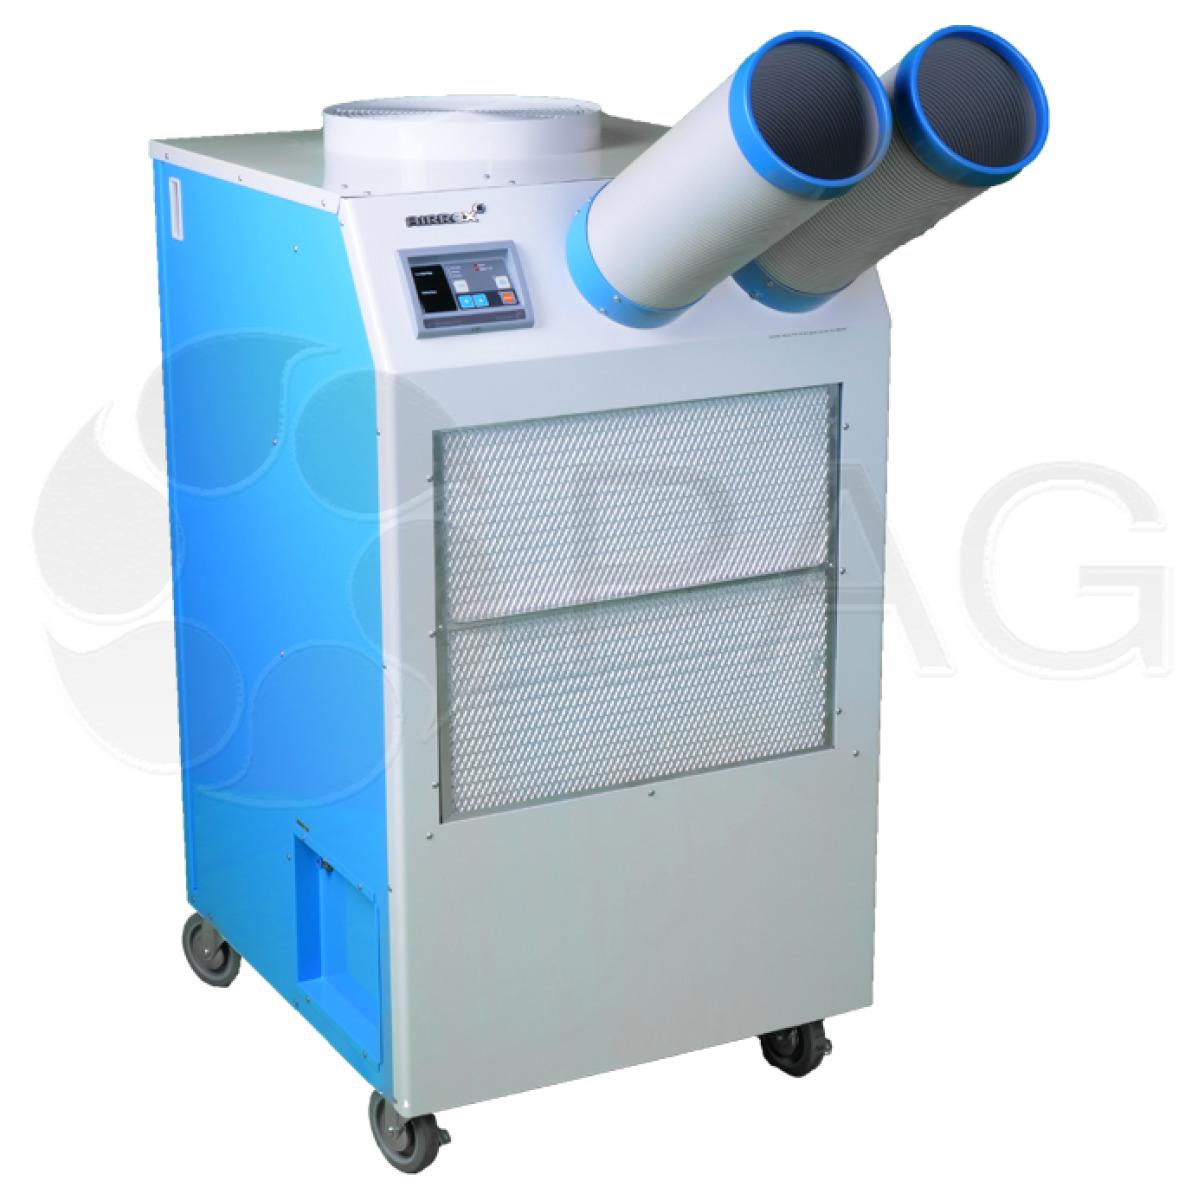 Airrex HSC-36B spot cooler